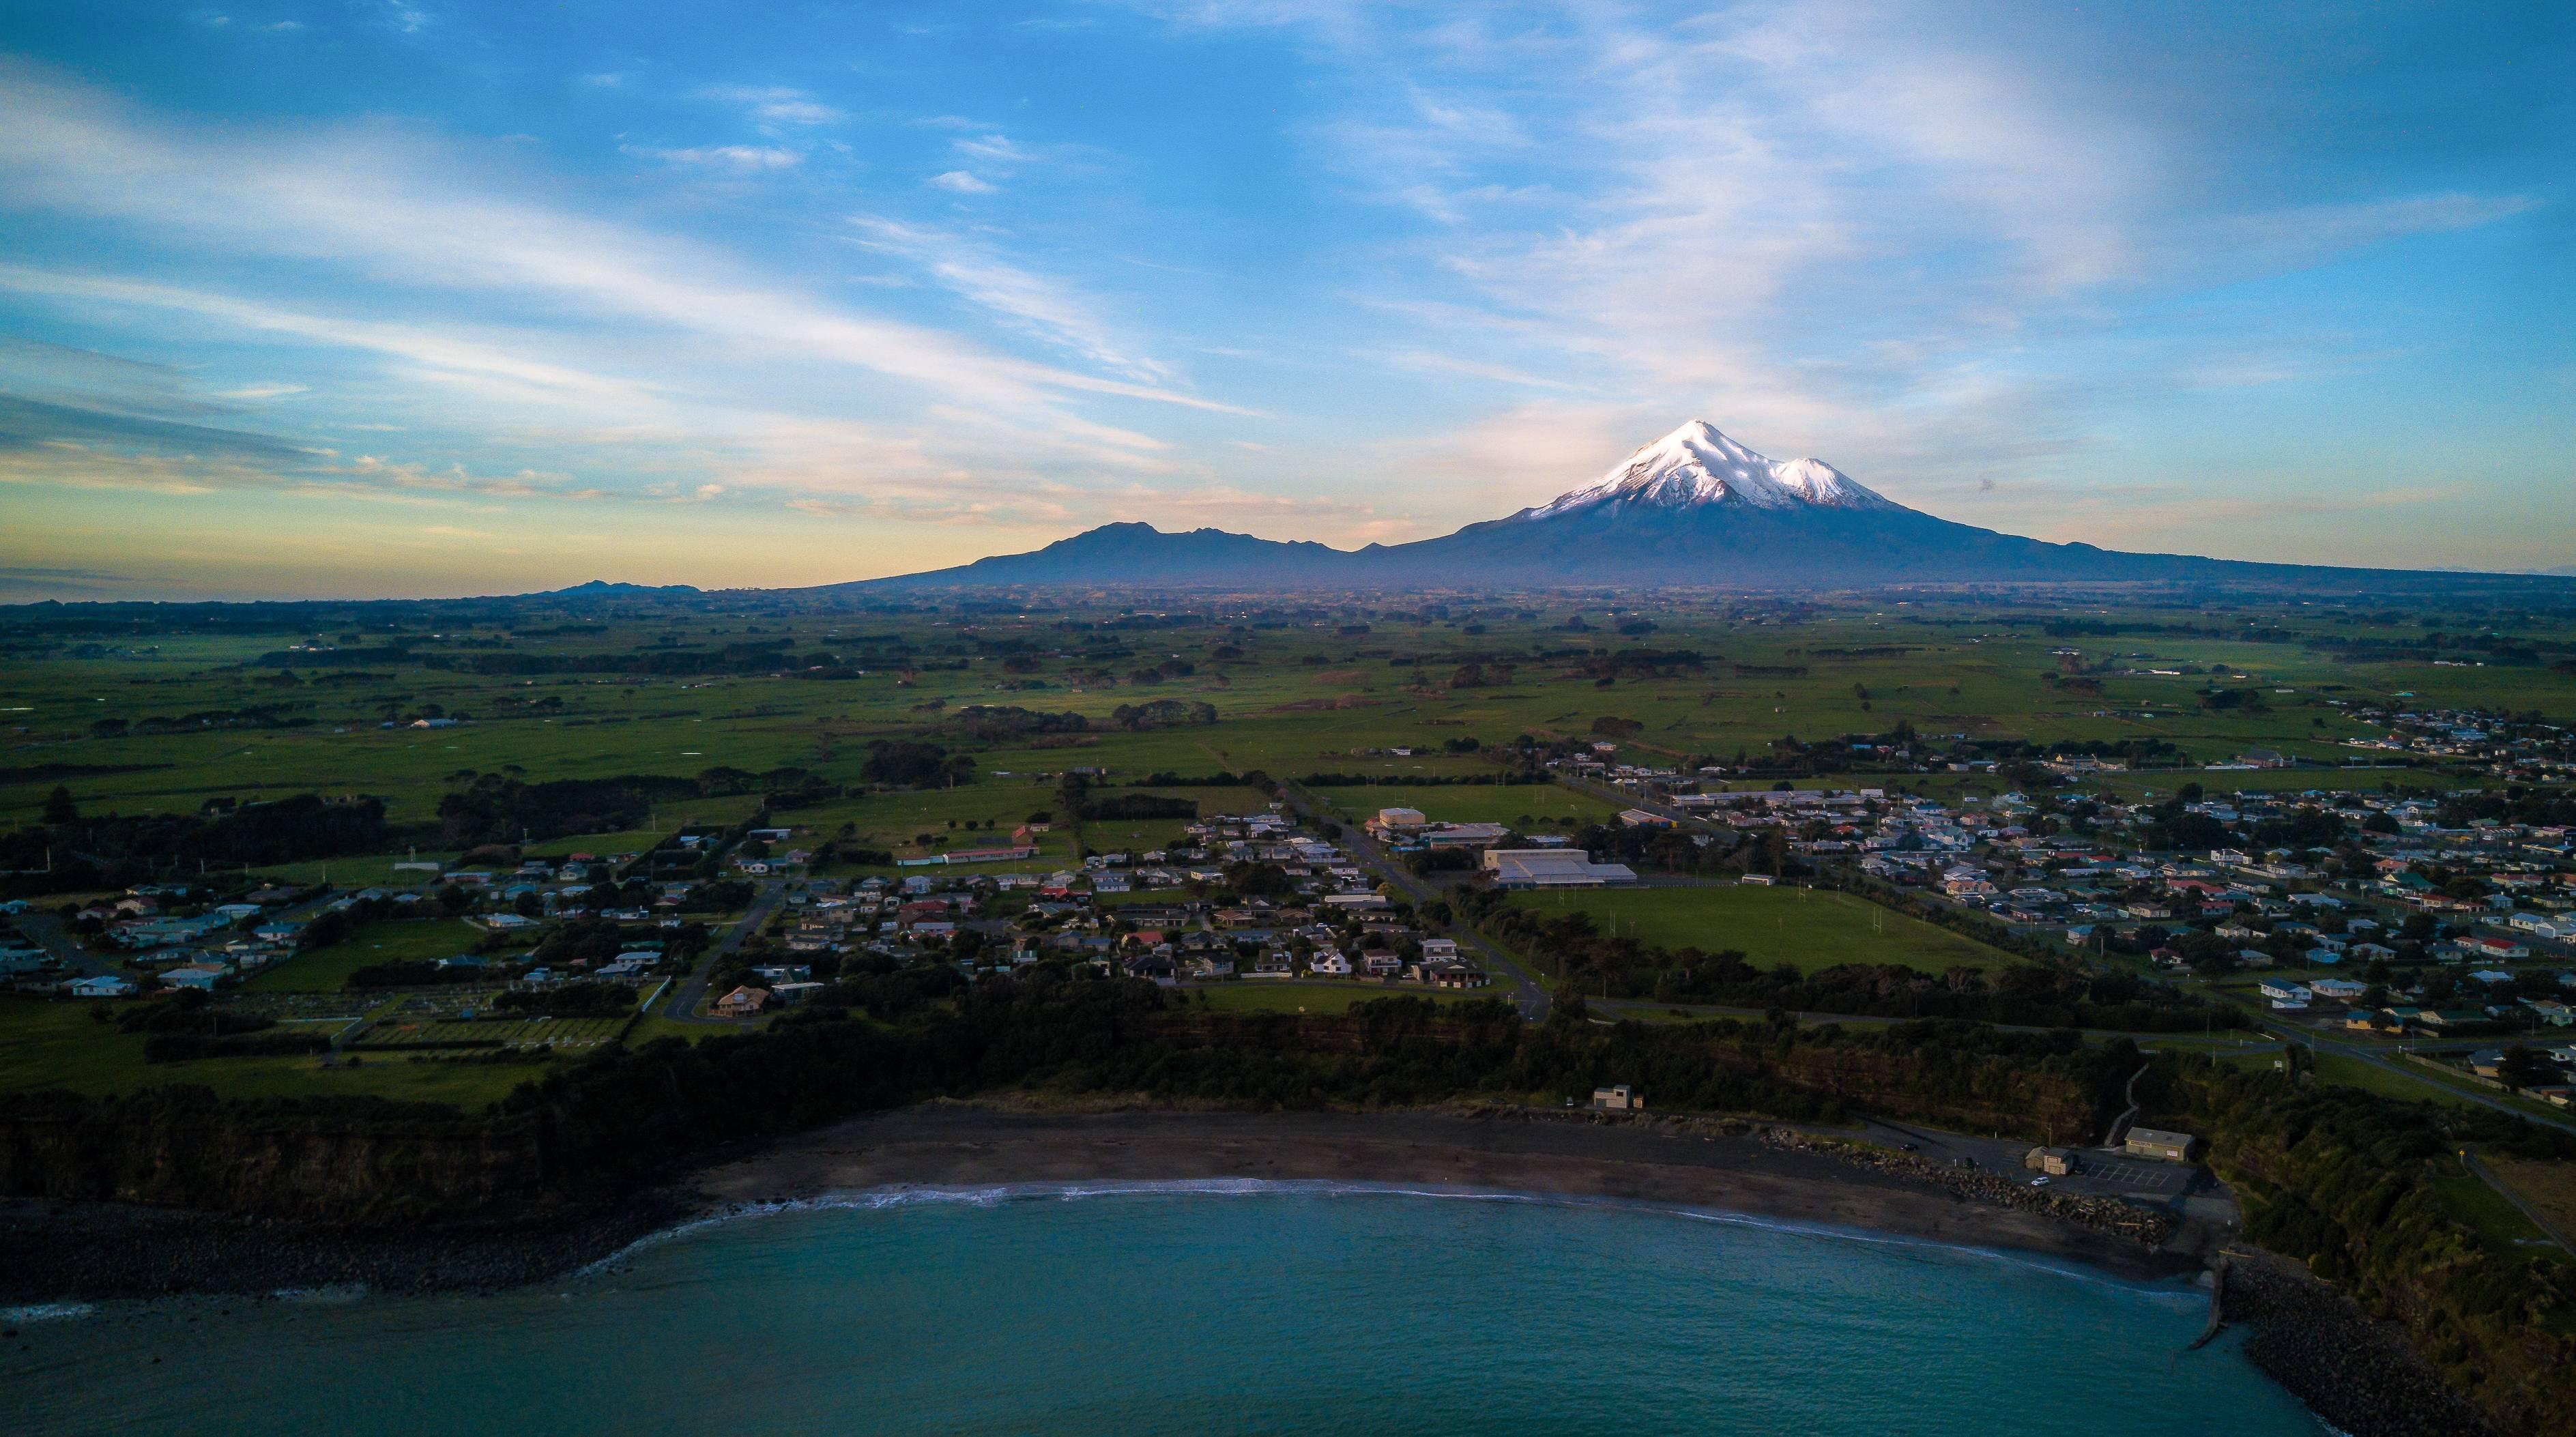 Photo 3: Mount Taranaki